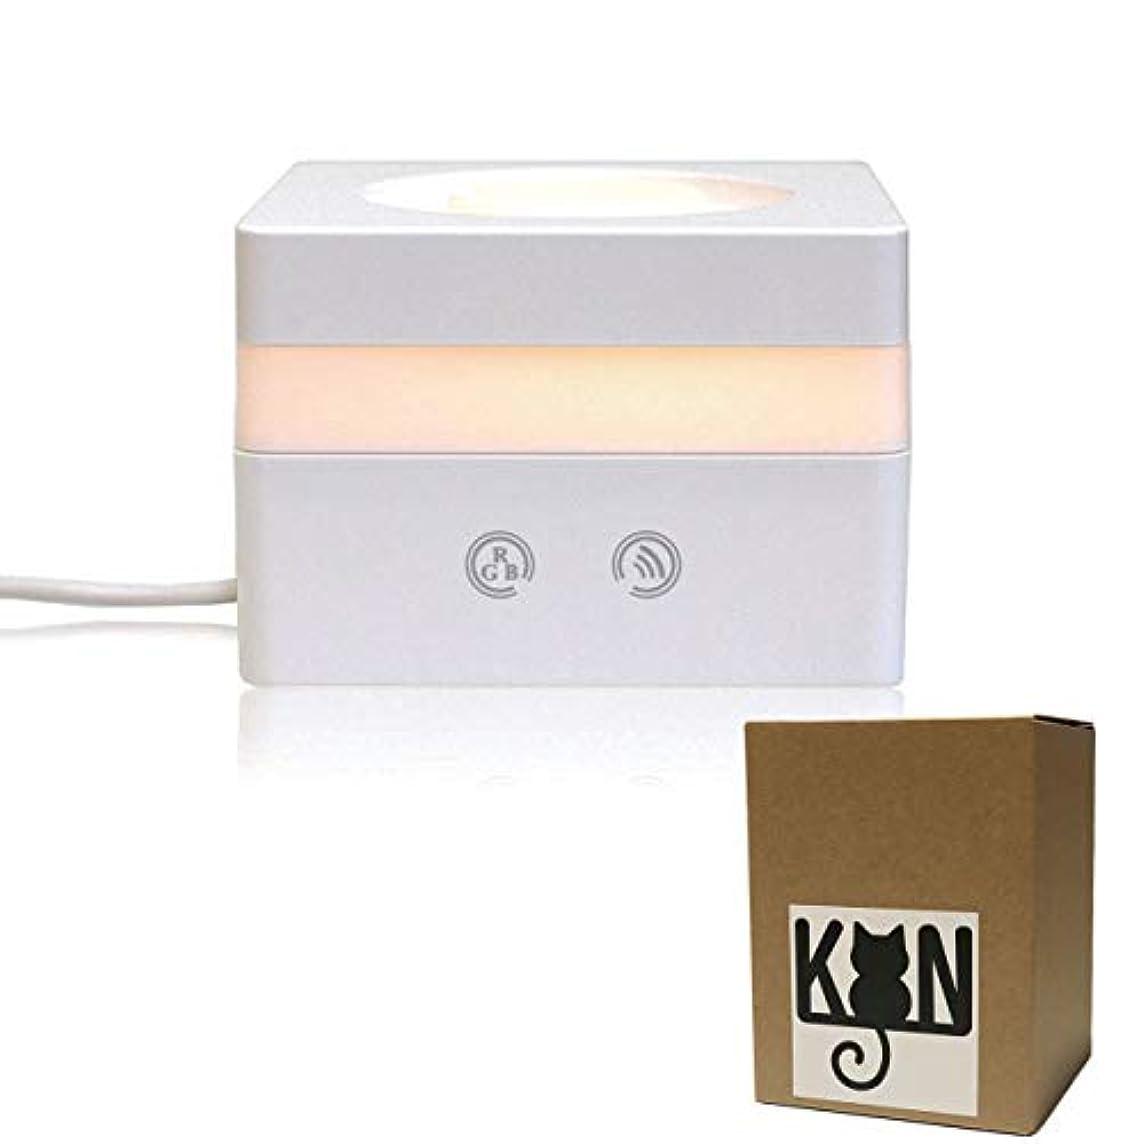 犯罪四分円グラフィックKON アロマディフューザー 超音波式 アロマ加湿器 卓上 アロマ ムードランプ 七色変換LEDライト USB給電式 空焚き防止機能 卓上加湿器 キューブ型